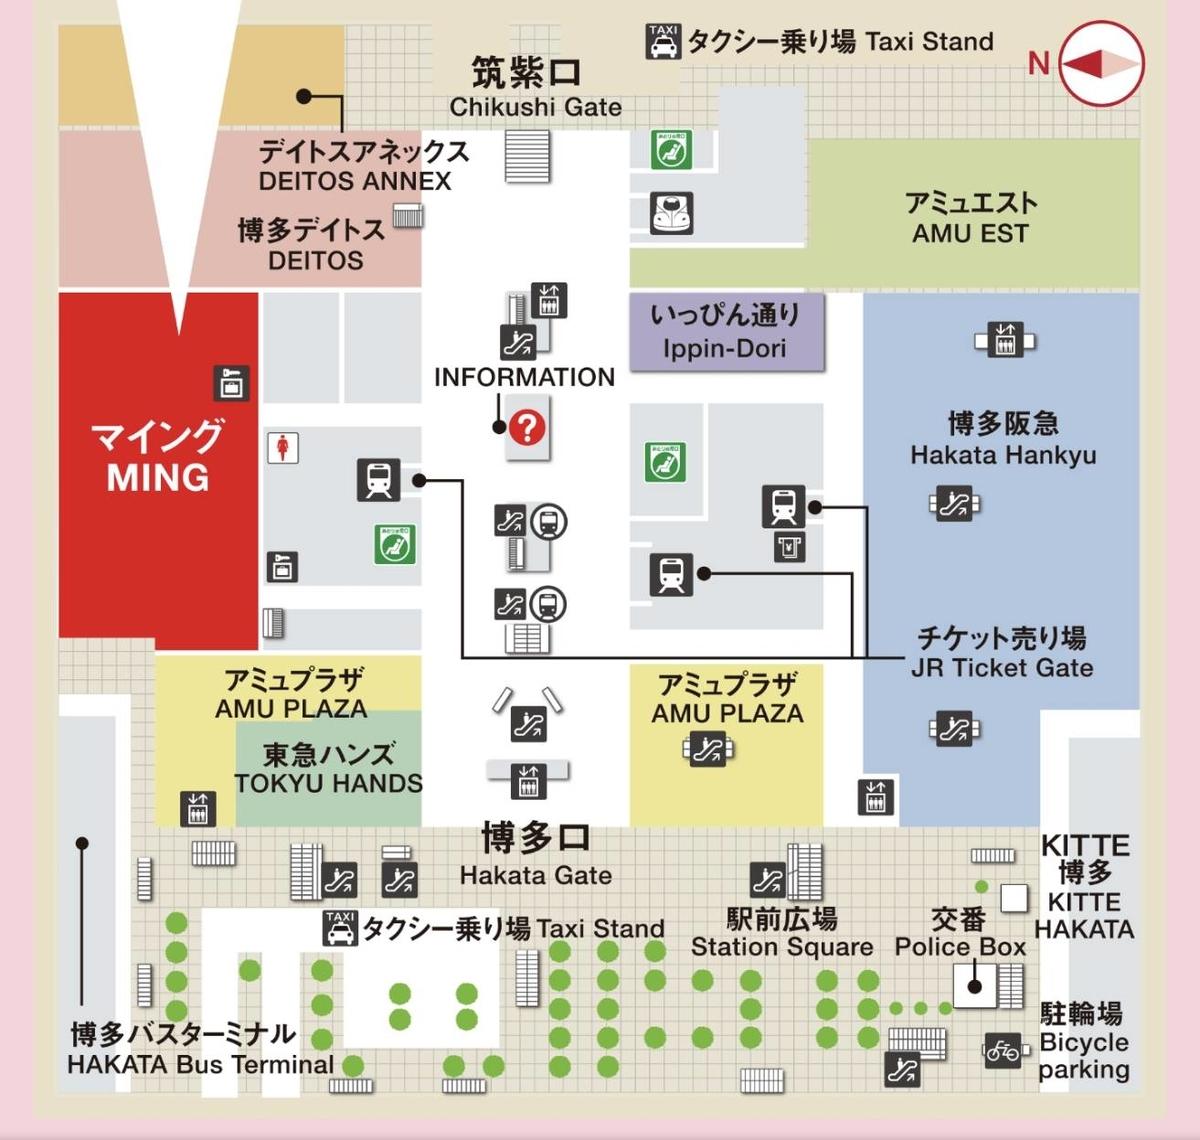 博多駅 マイングの場所 マップ 地図